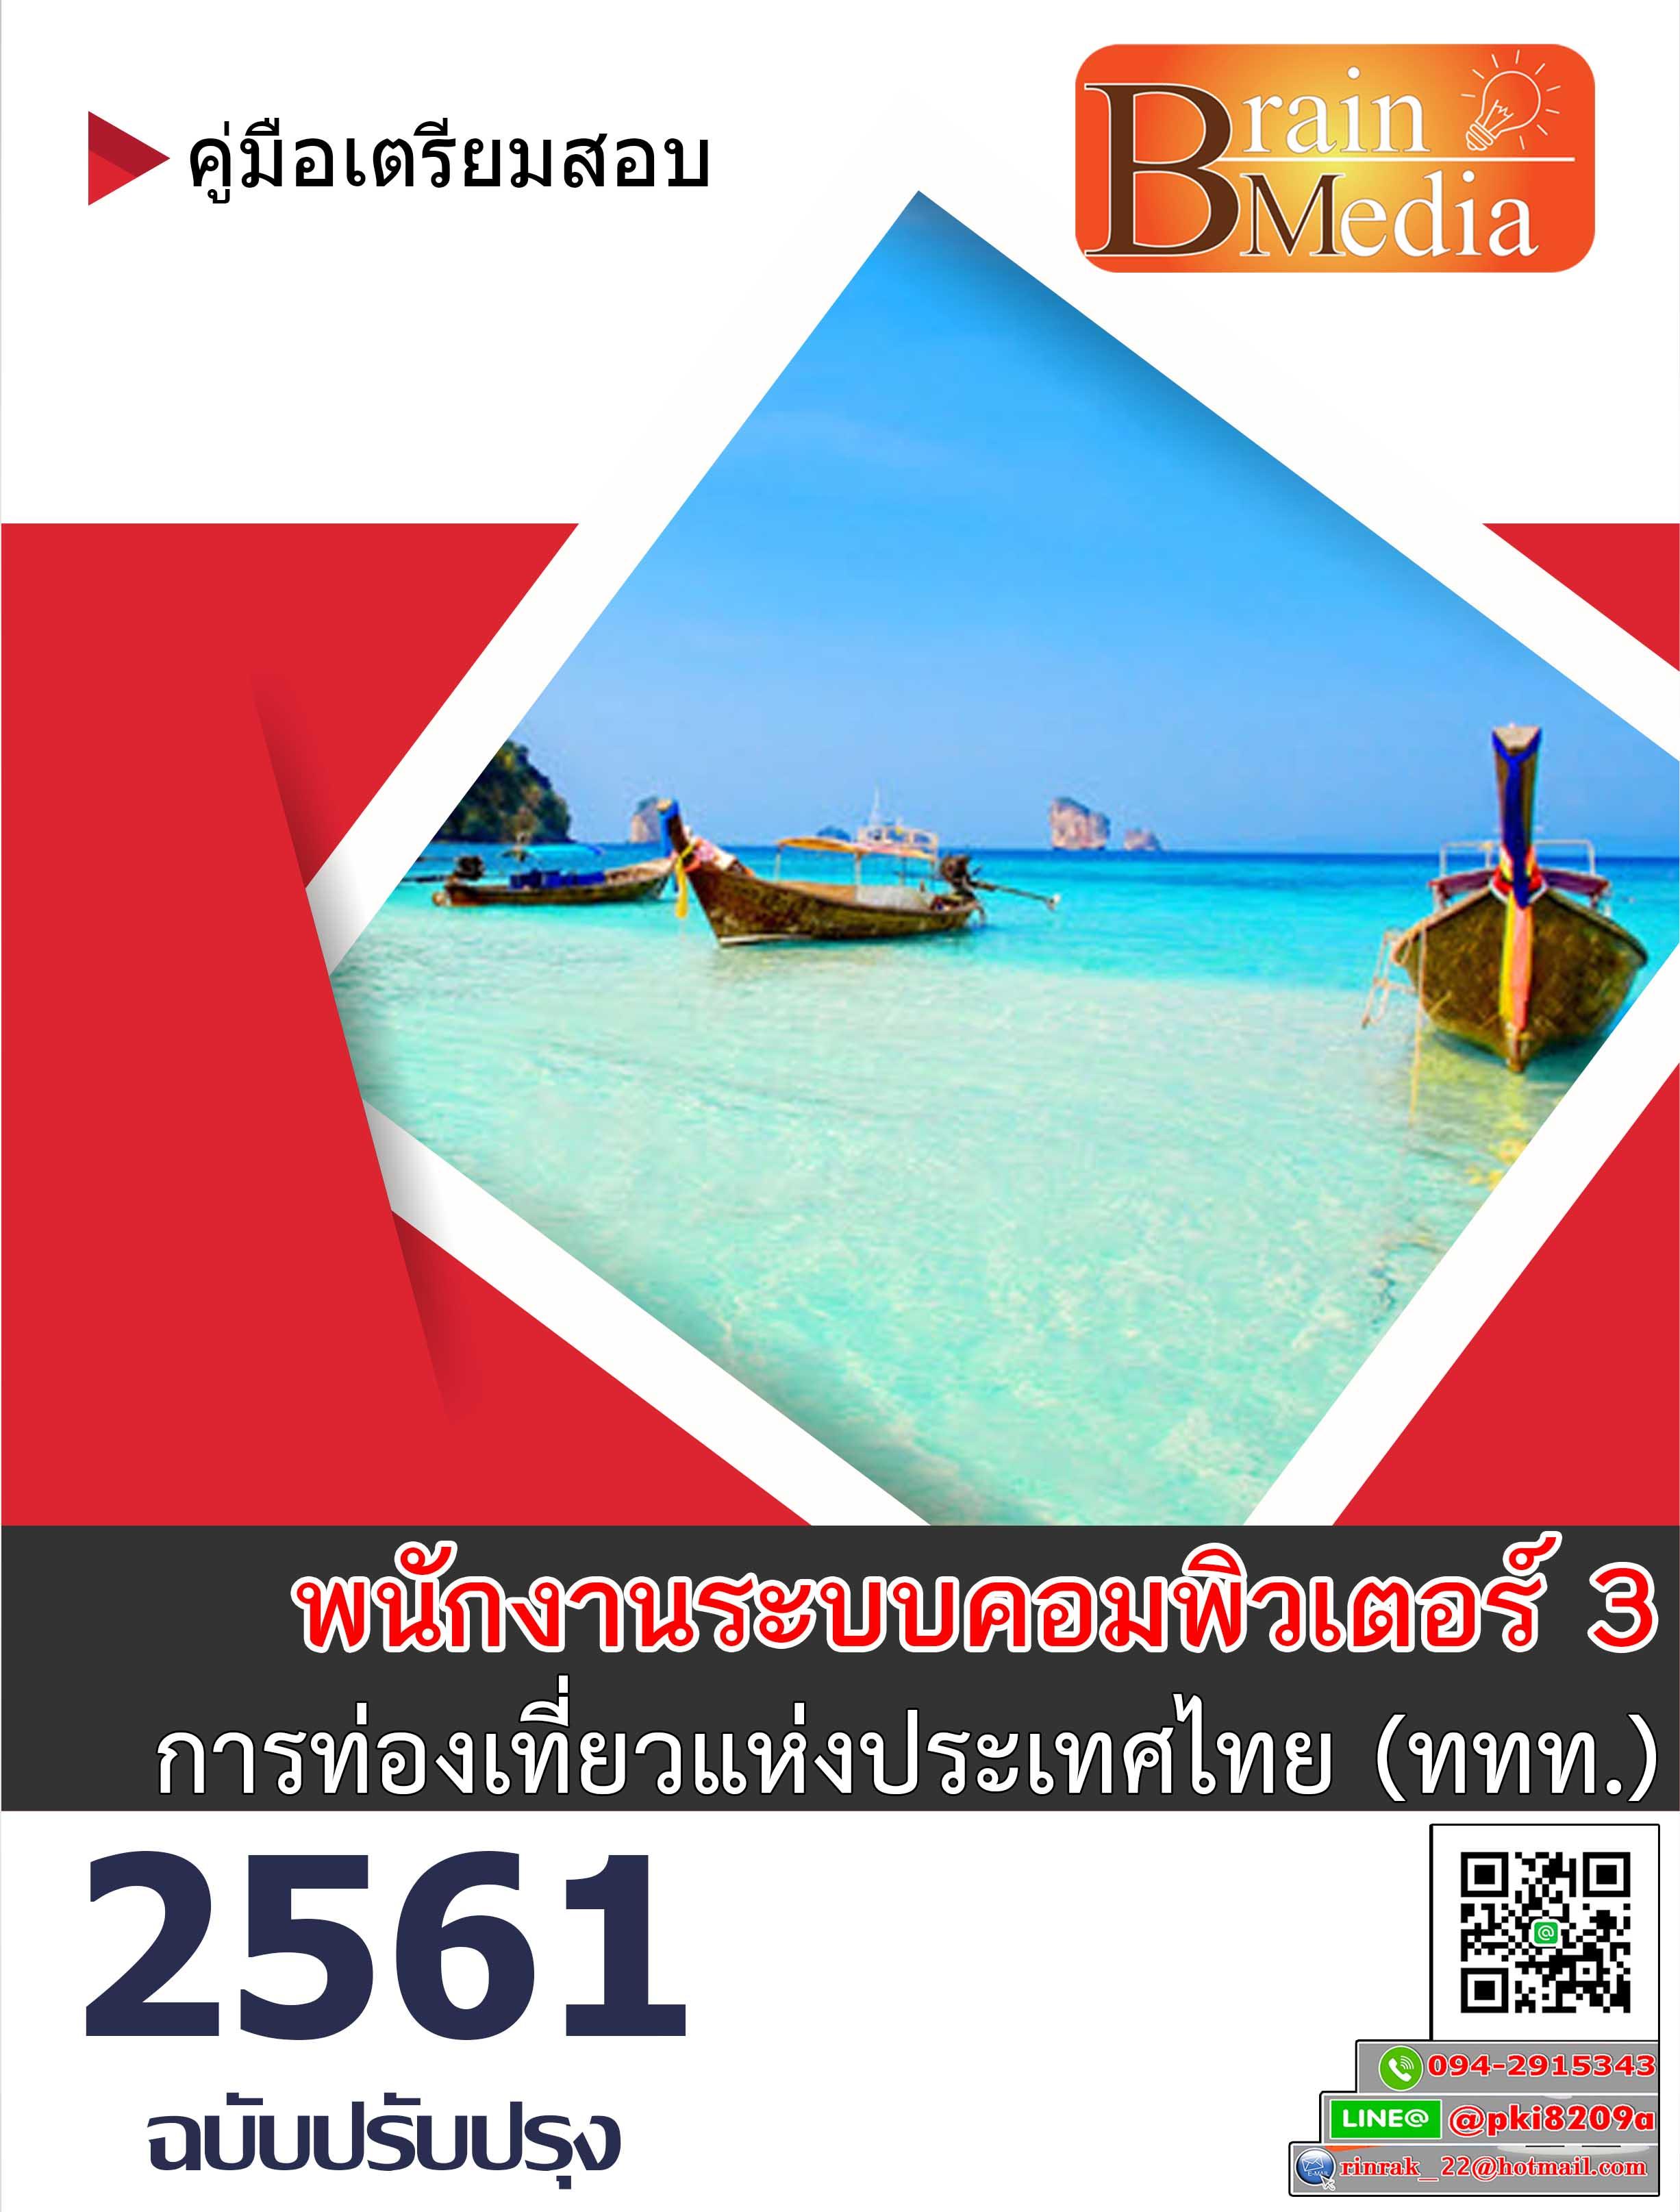 แนวข้อสอบ พนักงานระบบงานคอมพิวเตอร์ 3 การท่องเที่ยวแห่งประเทศไทย (ททท.)